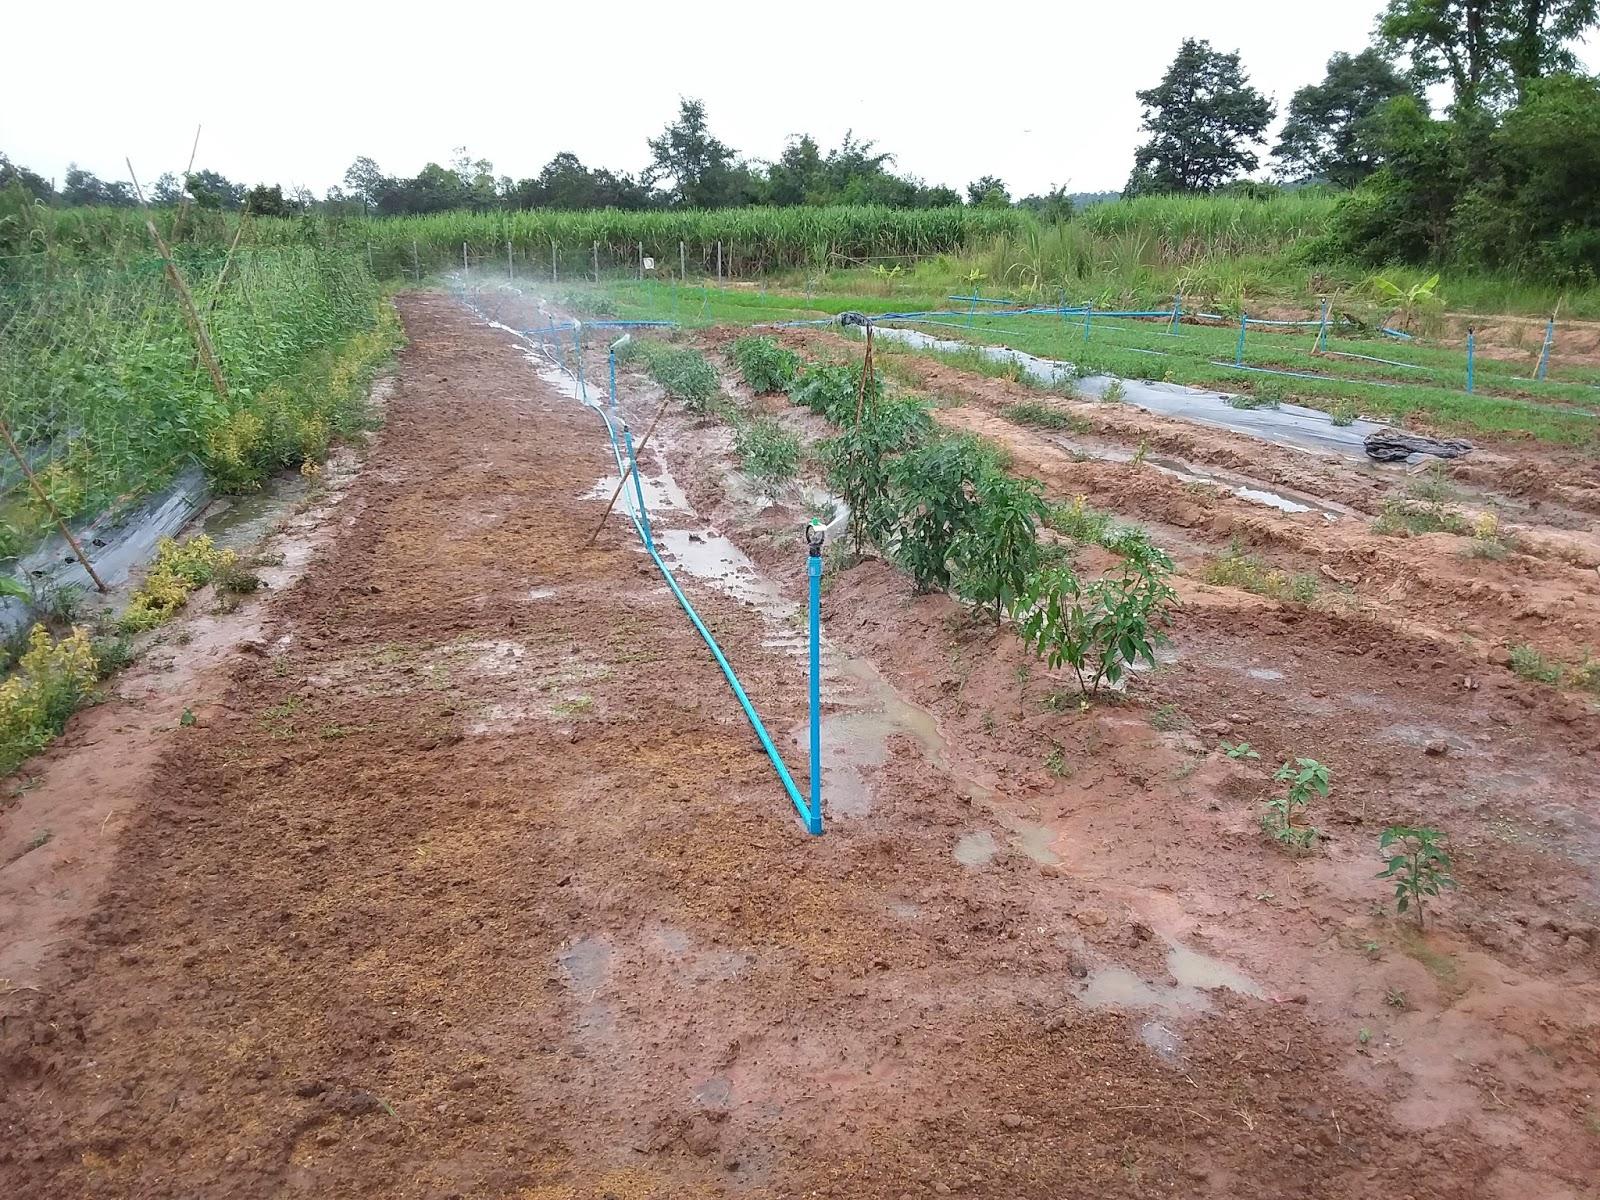 Die Bewässerung Funktioniert, Wenn Auch Mit Vielen Pannen, Murks Und Knorz.  Pak Bung Benötigt Sehr Viel Wasser!